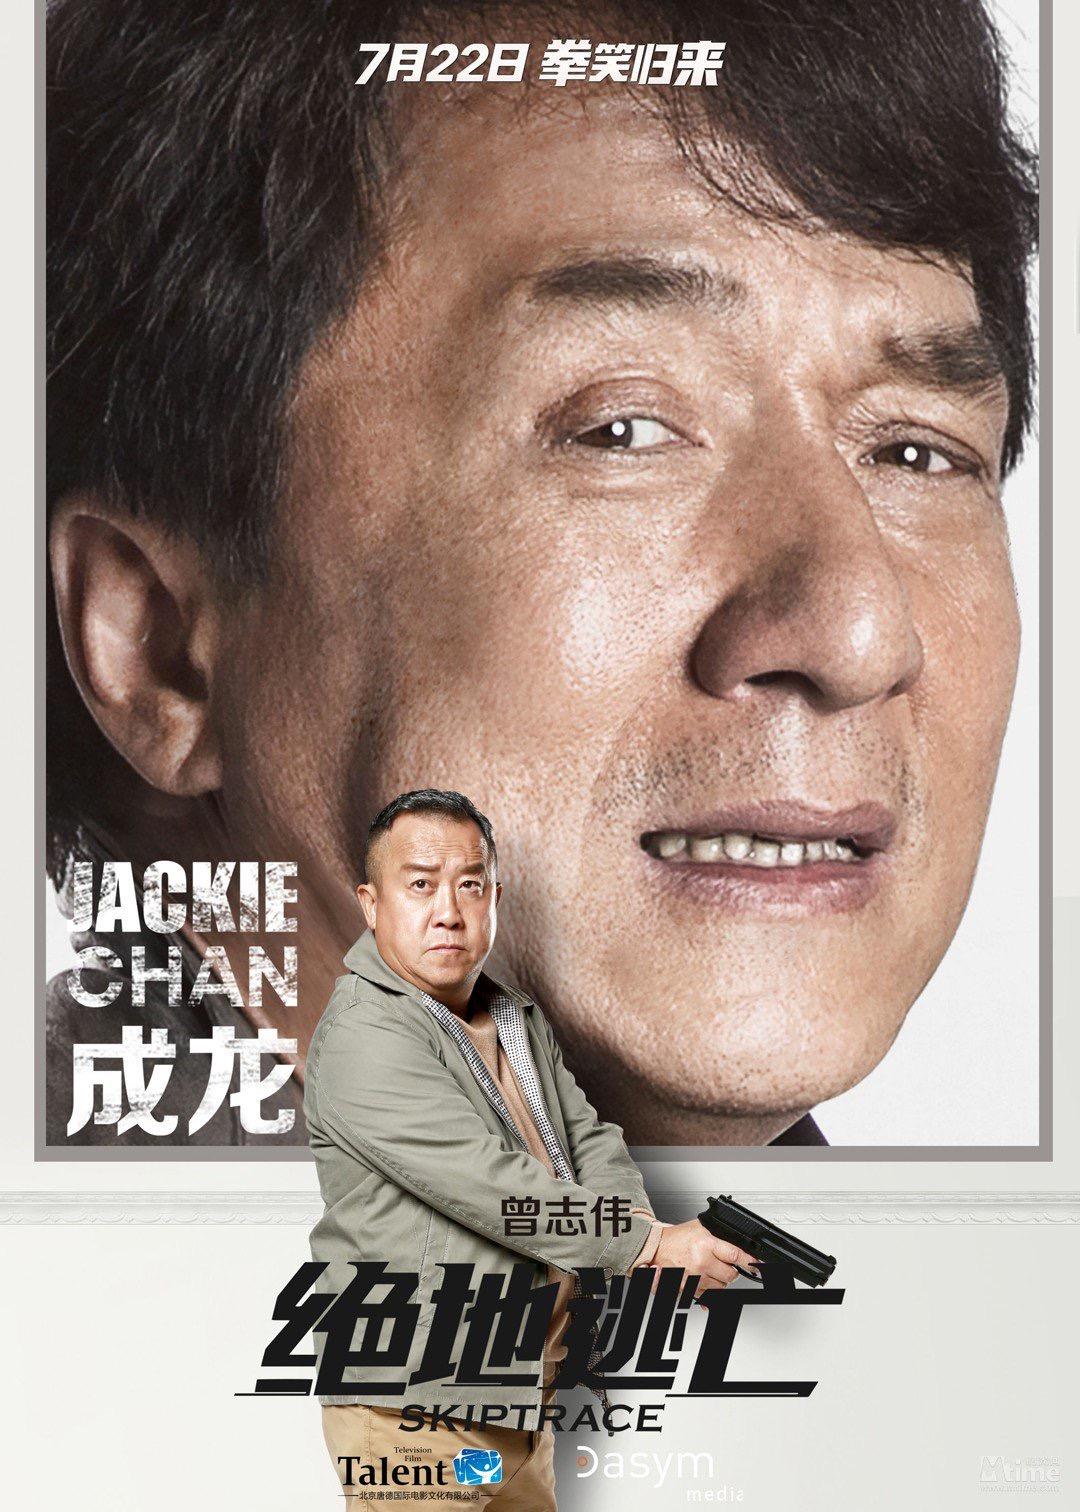 Трейлеры и промо-материалы к грядущим фильмам Джеки Чана 3